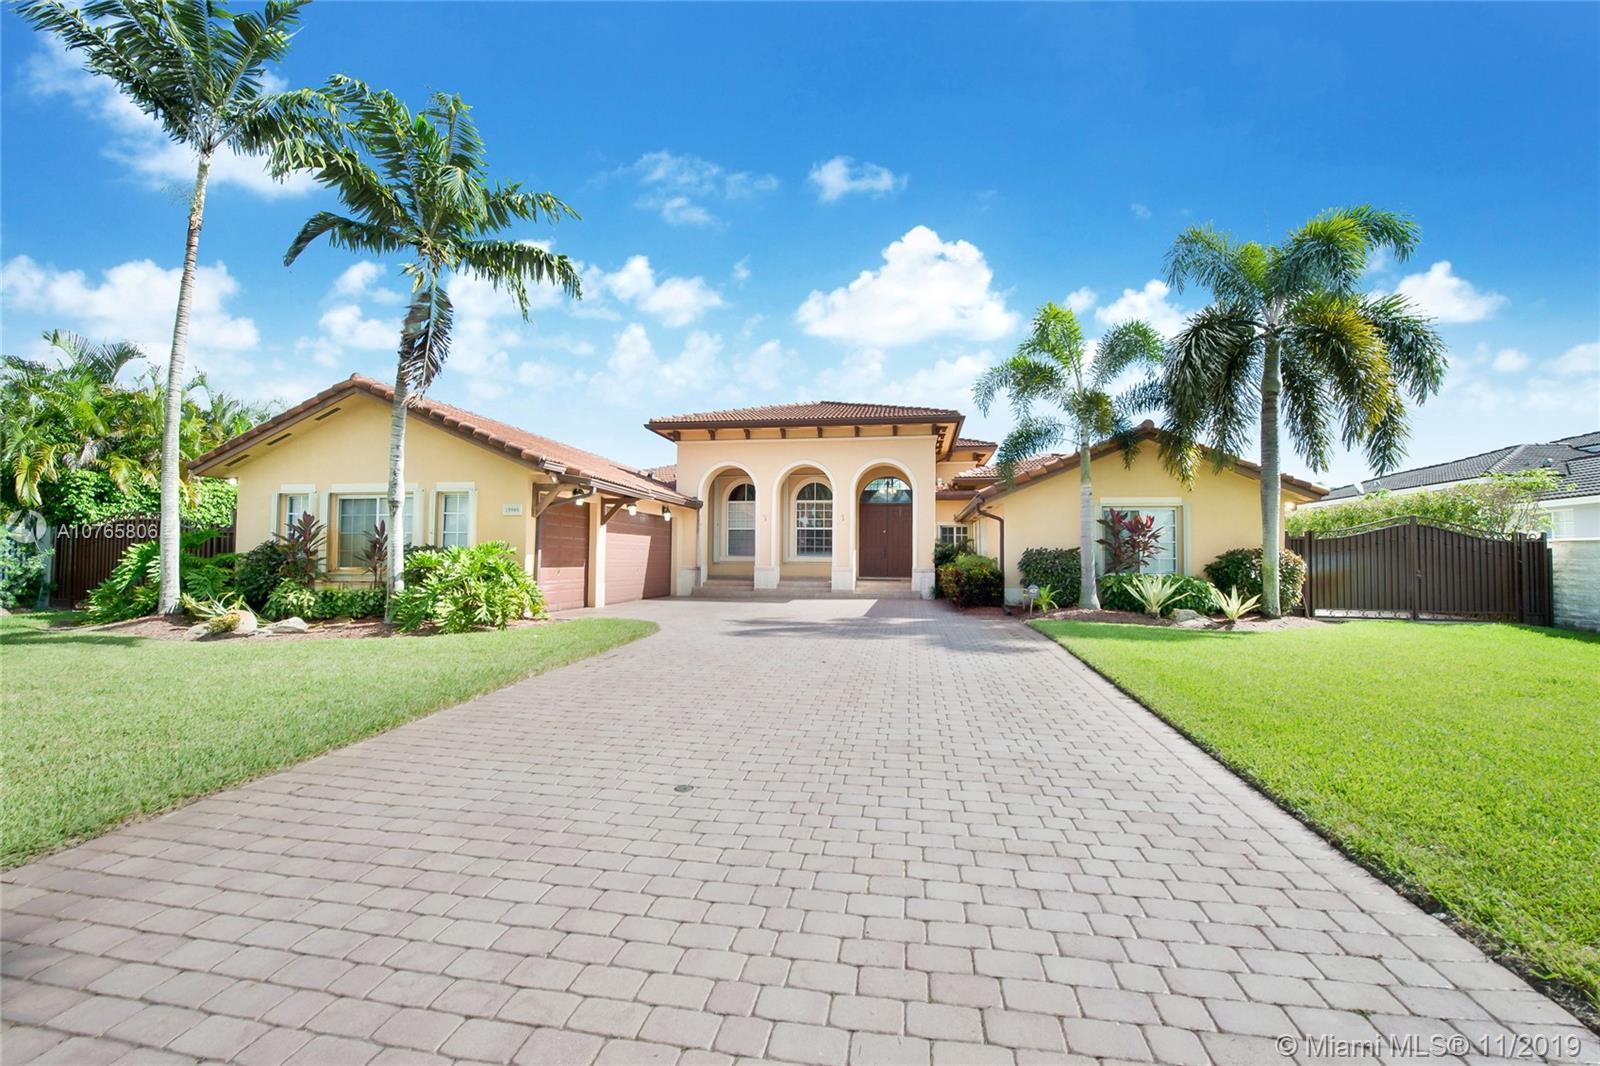 19965 SW 130th Ave, Miami, FL 33177